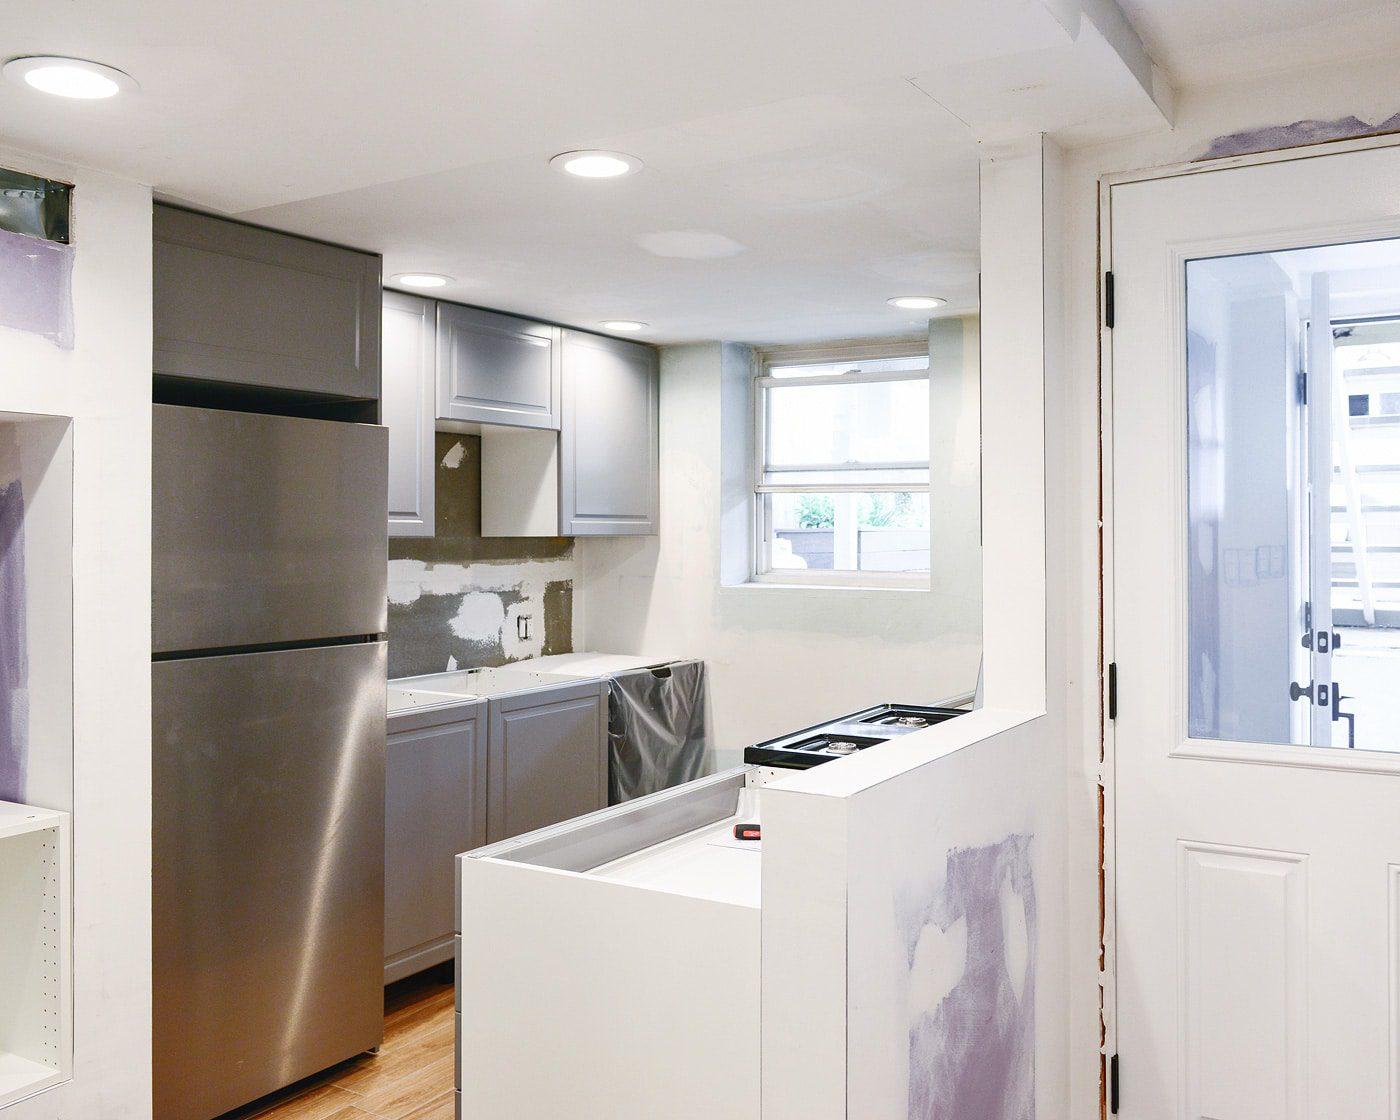 Installing Ikea Kitchen Cabinets Best Kitchen Gallery | Rachelxblog ...